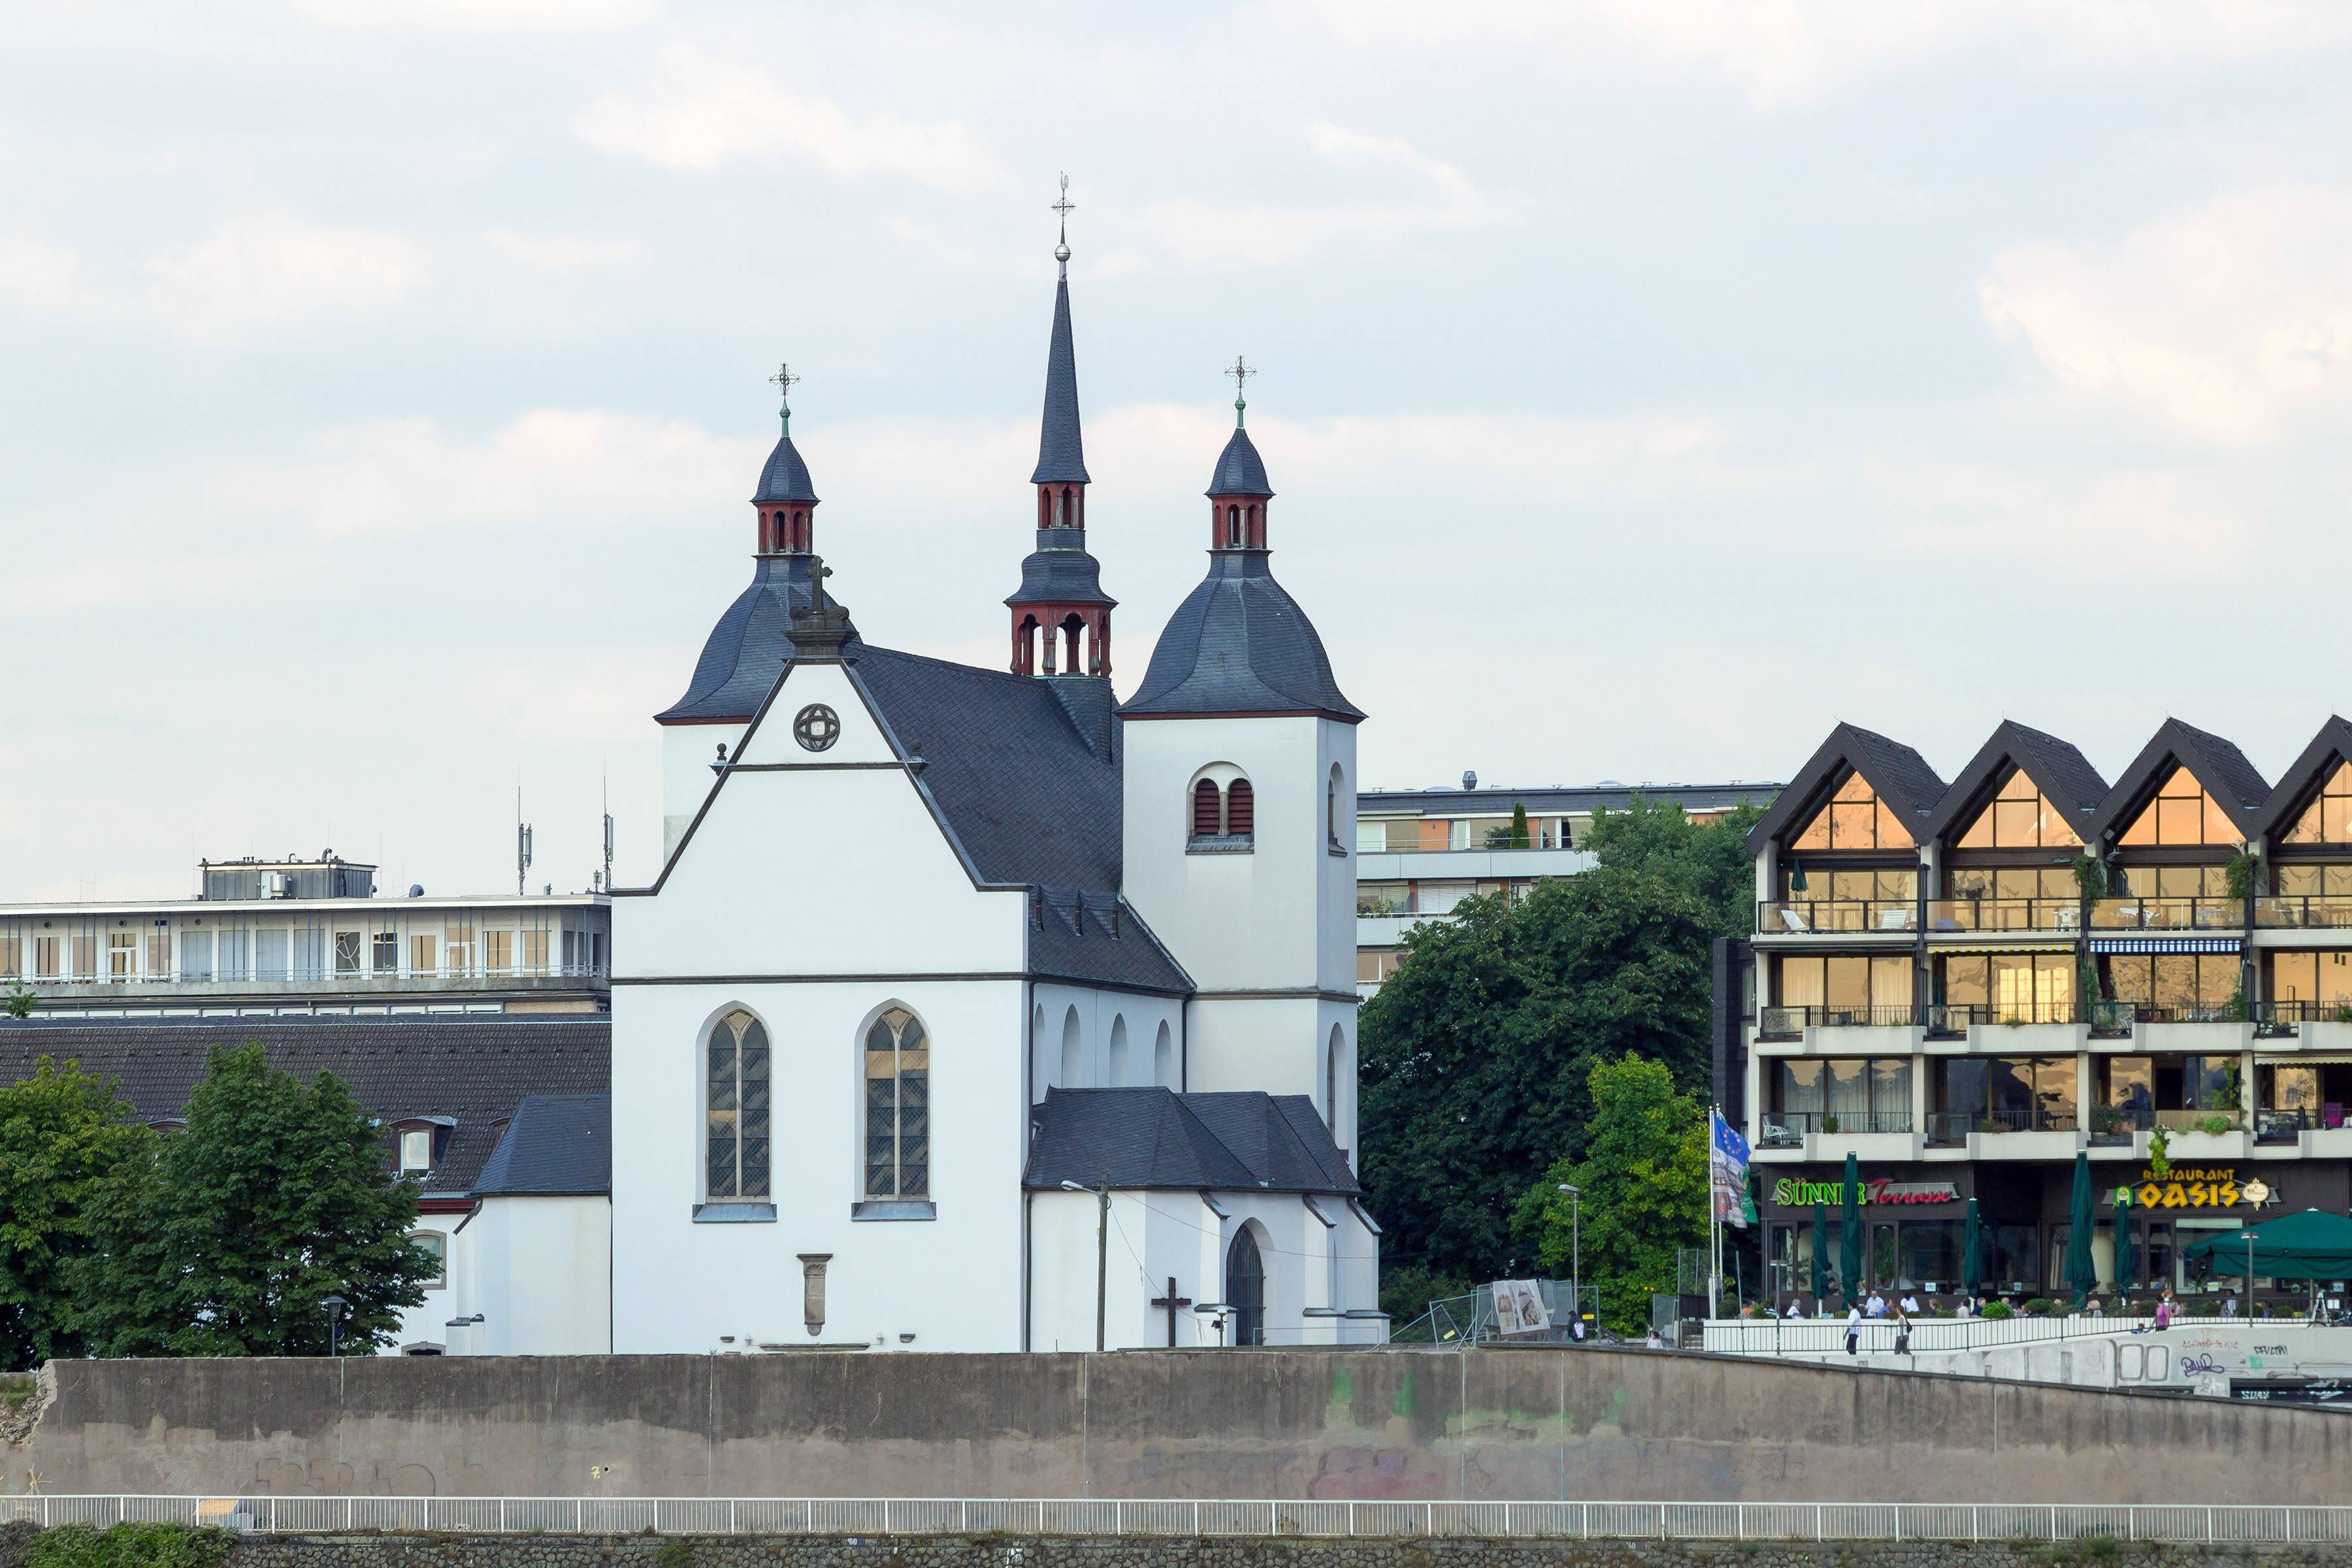 10 городов европы, в которых надо обязательно побывать 10 городов европы, в которых надо обязательно побывать